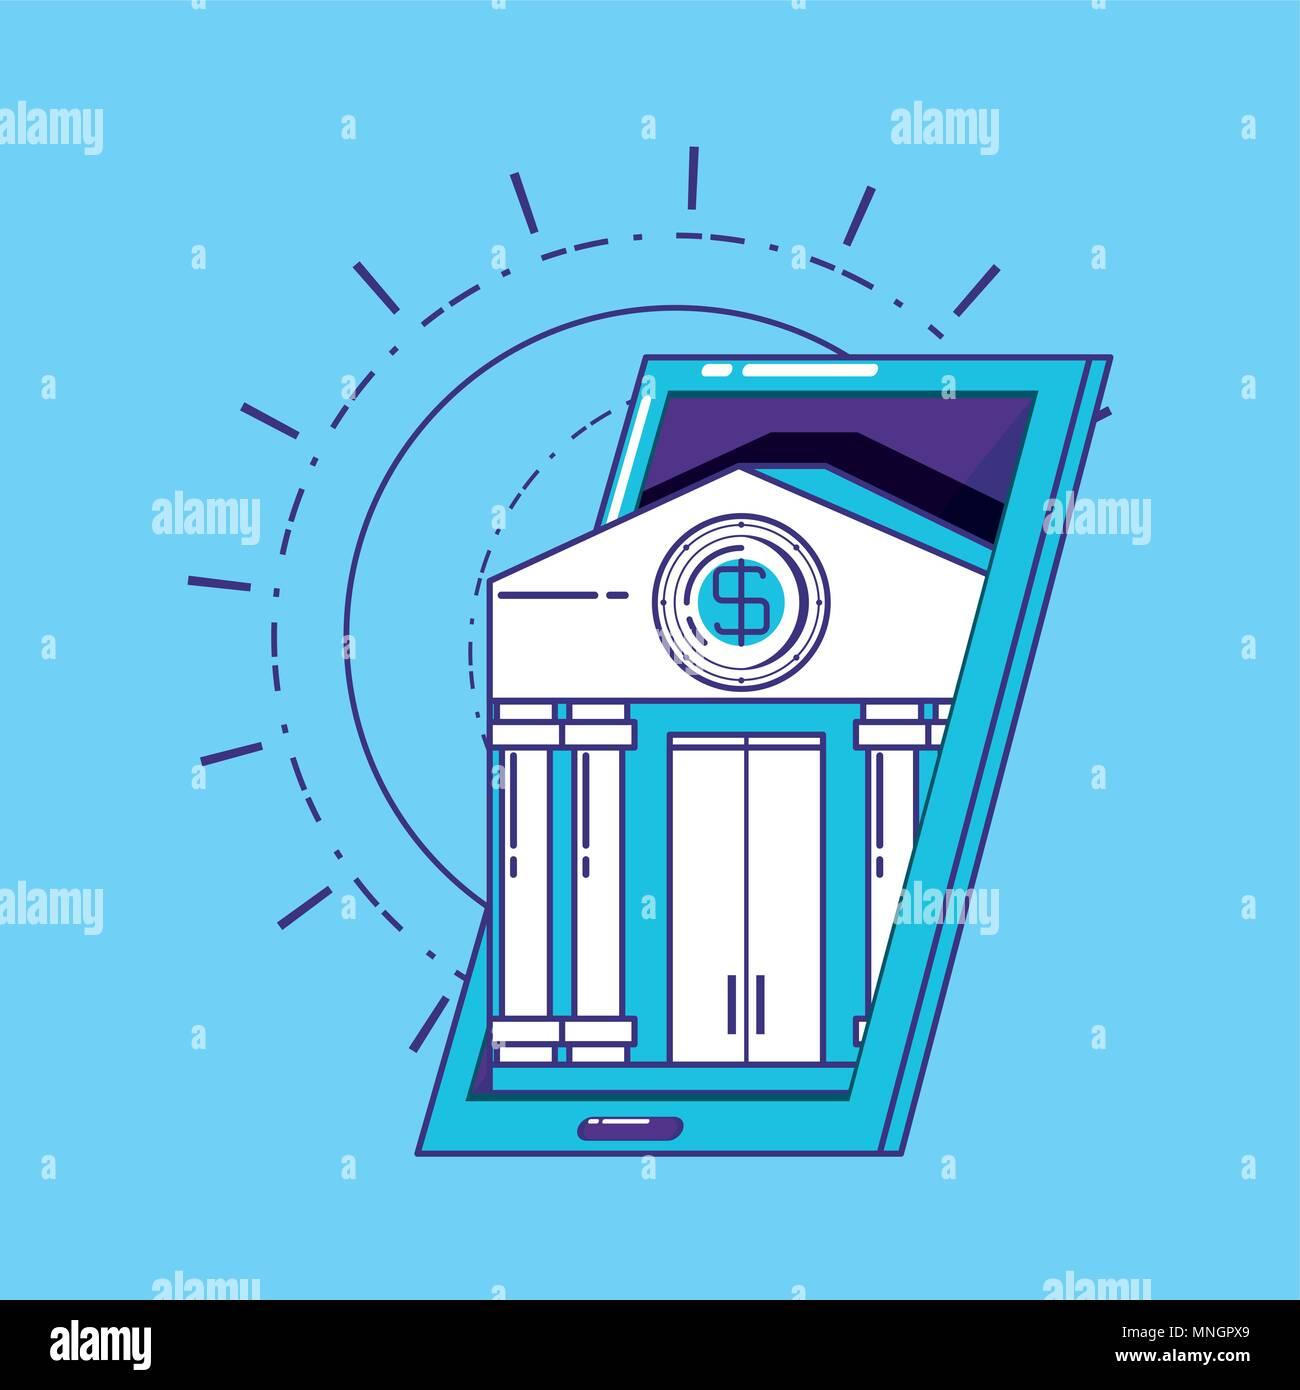 La tecnologia finanziaria concetto con smartphone con bank building su sfondo blu, illustrazione vettoriale Immagini Stock